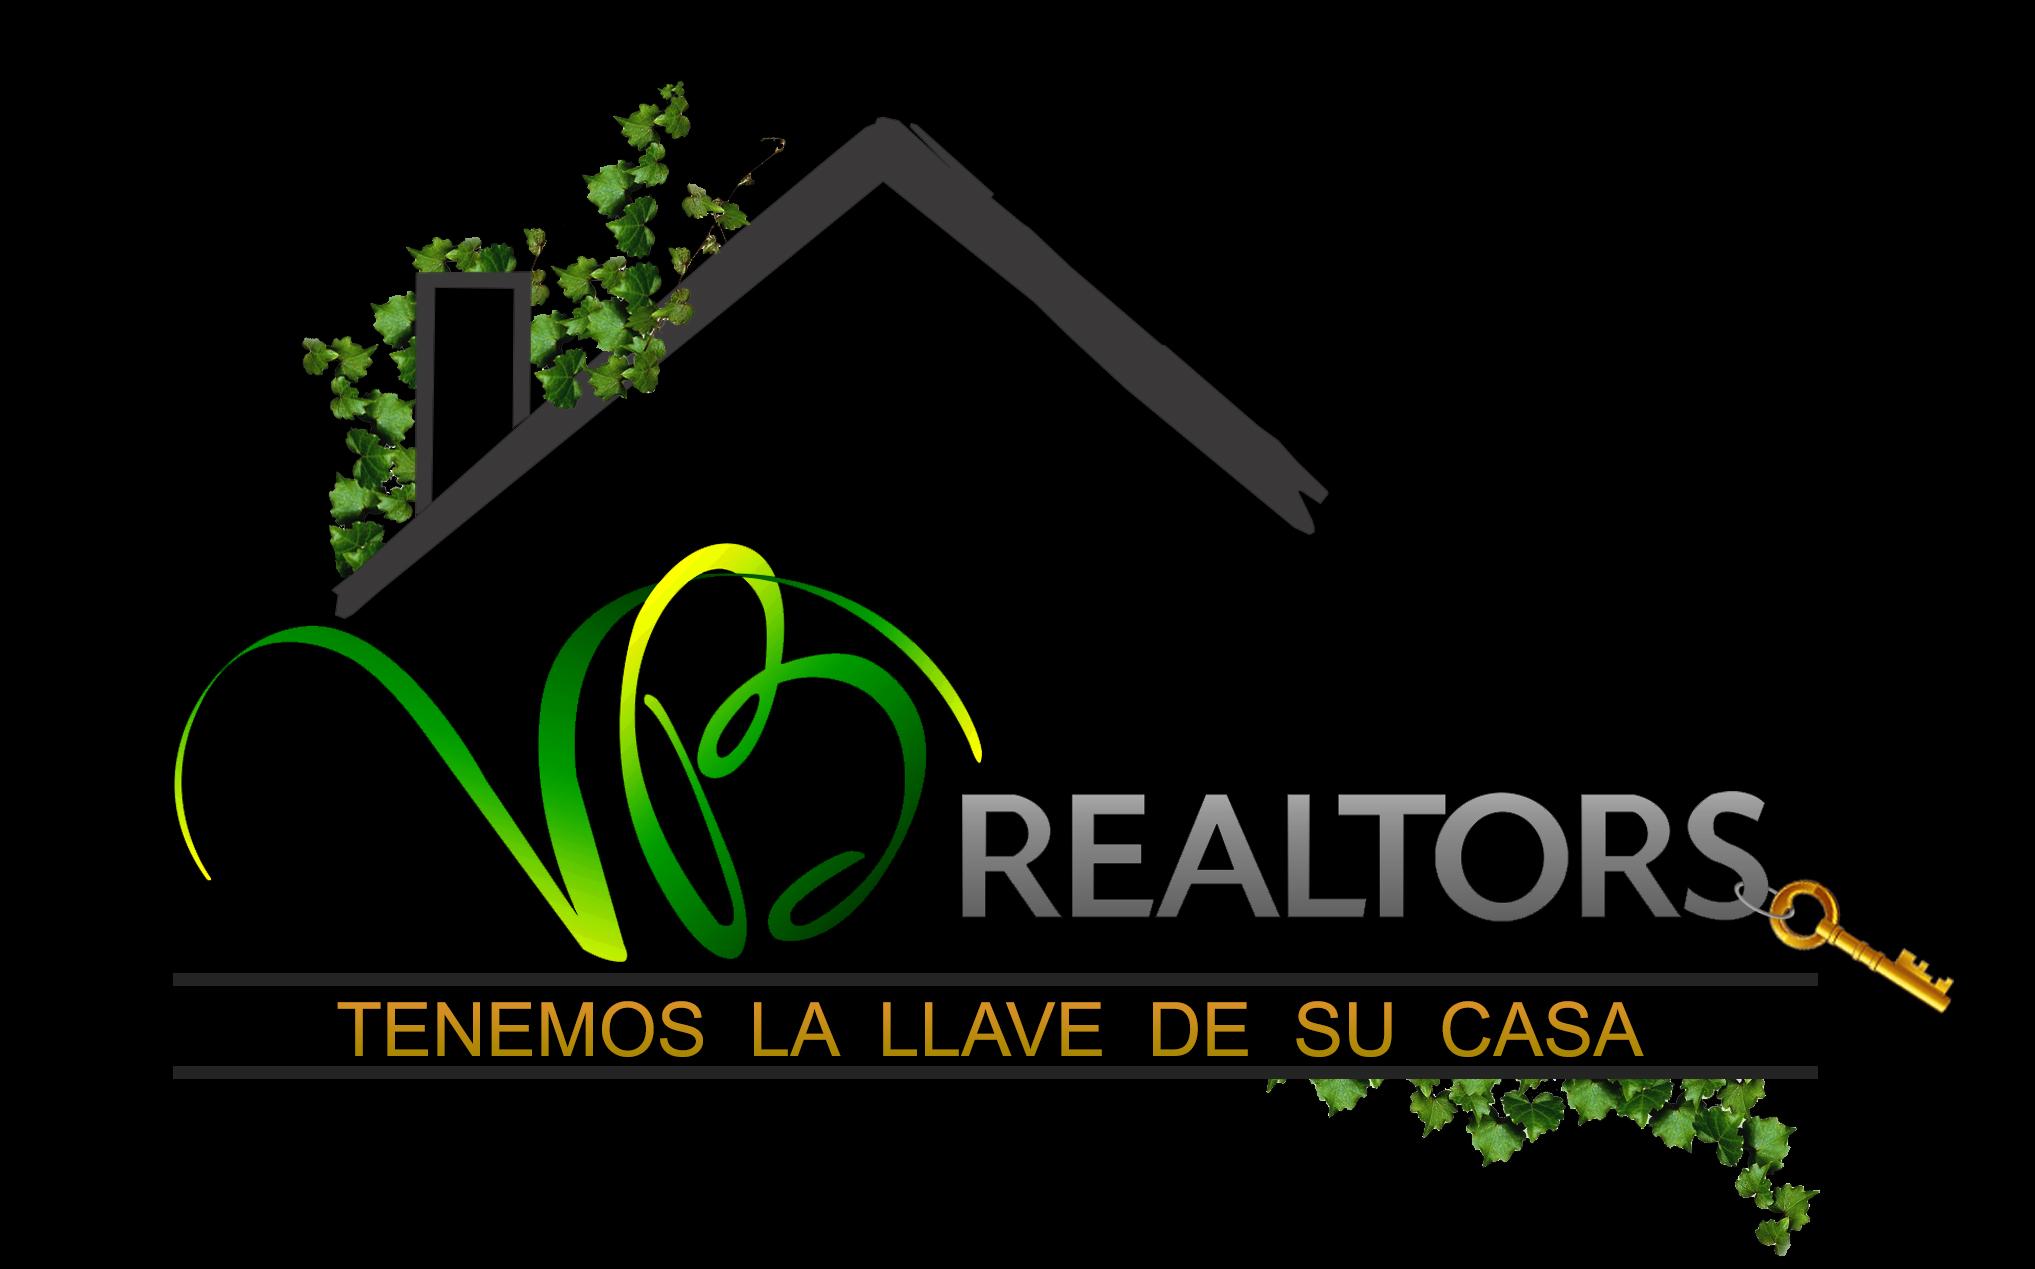 logo_negro-verde_VB.jpg